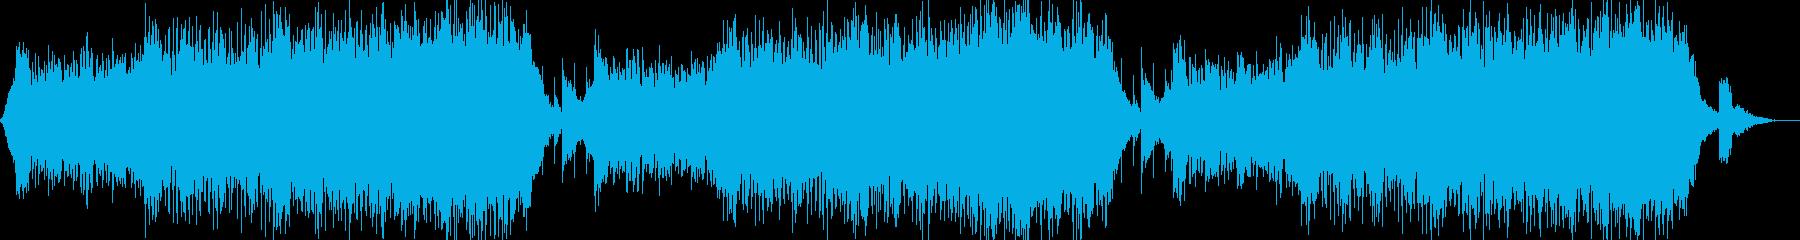 緊張感のあるあやしい曲の再生済みの波形